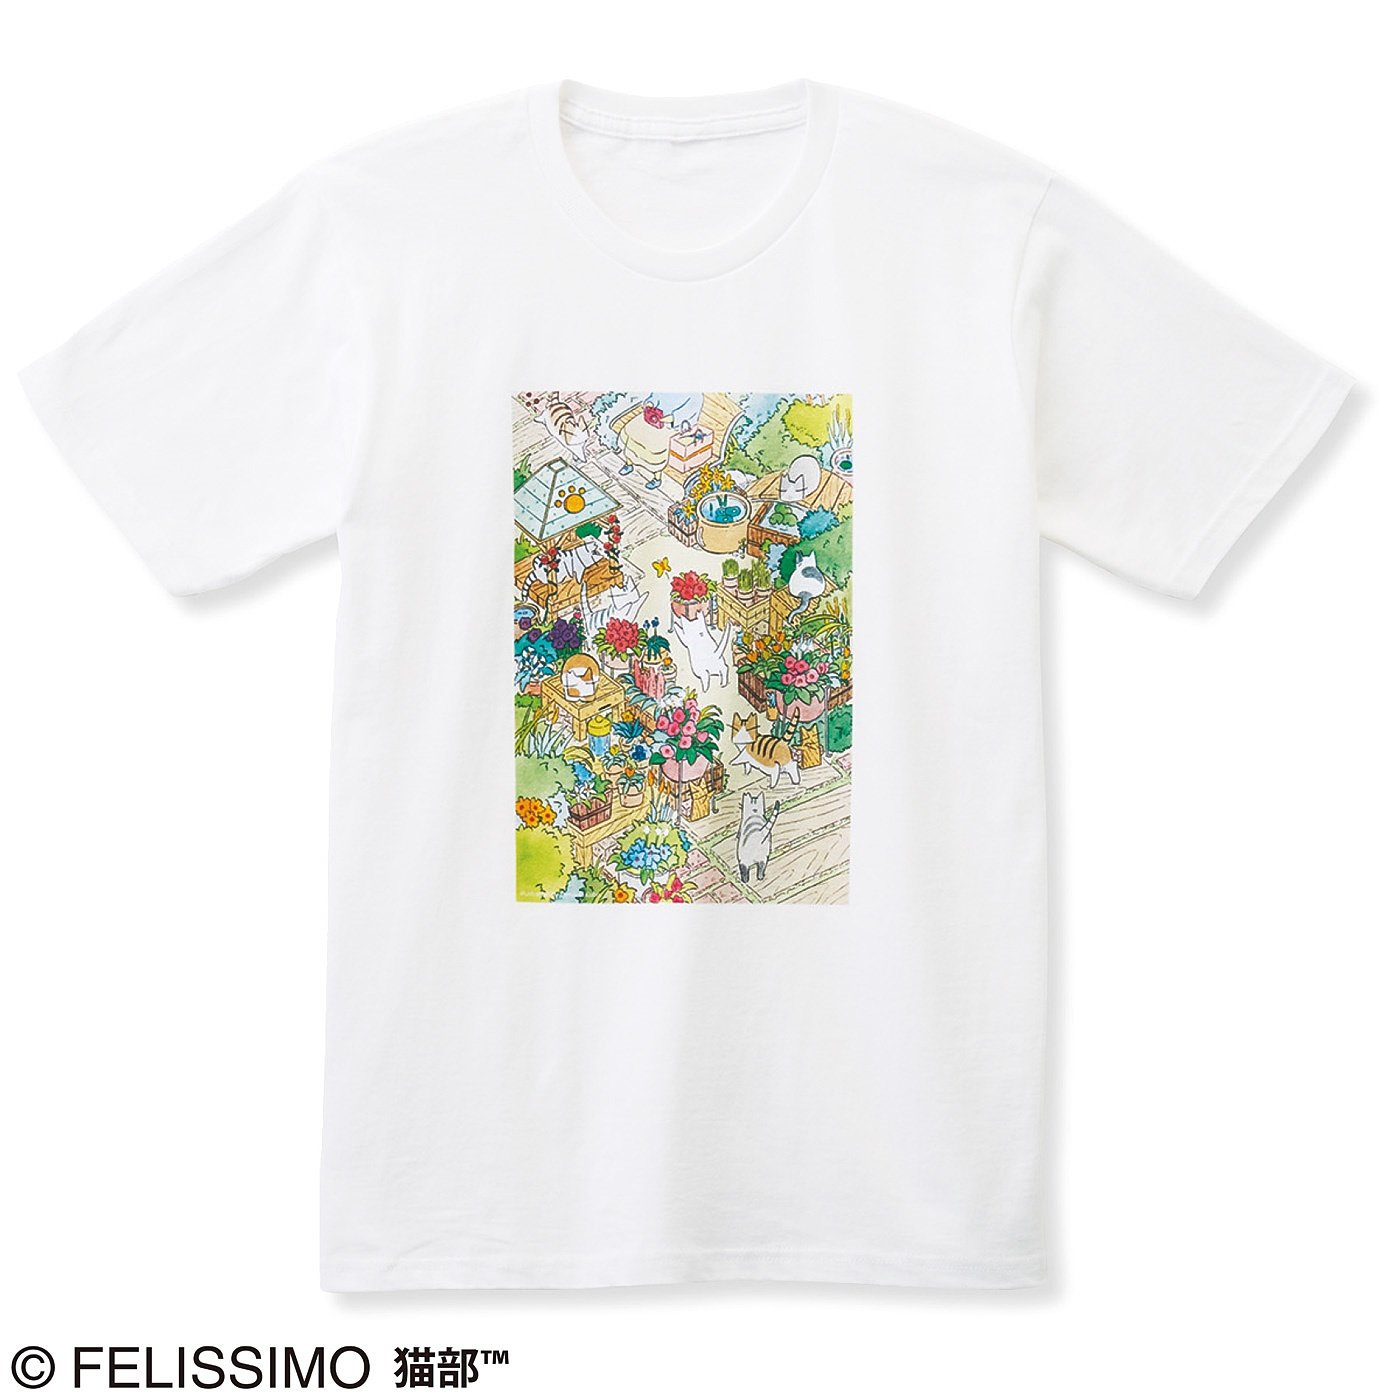 猫部×久保智昭 地域猫チャリティーTシャツ2019